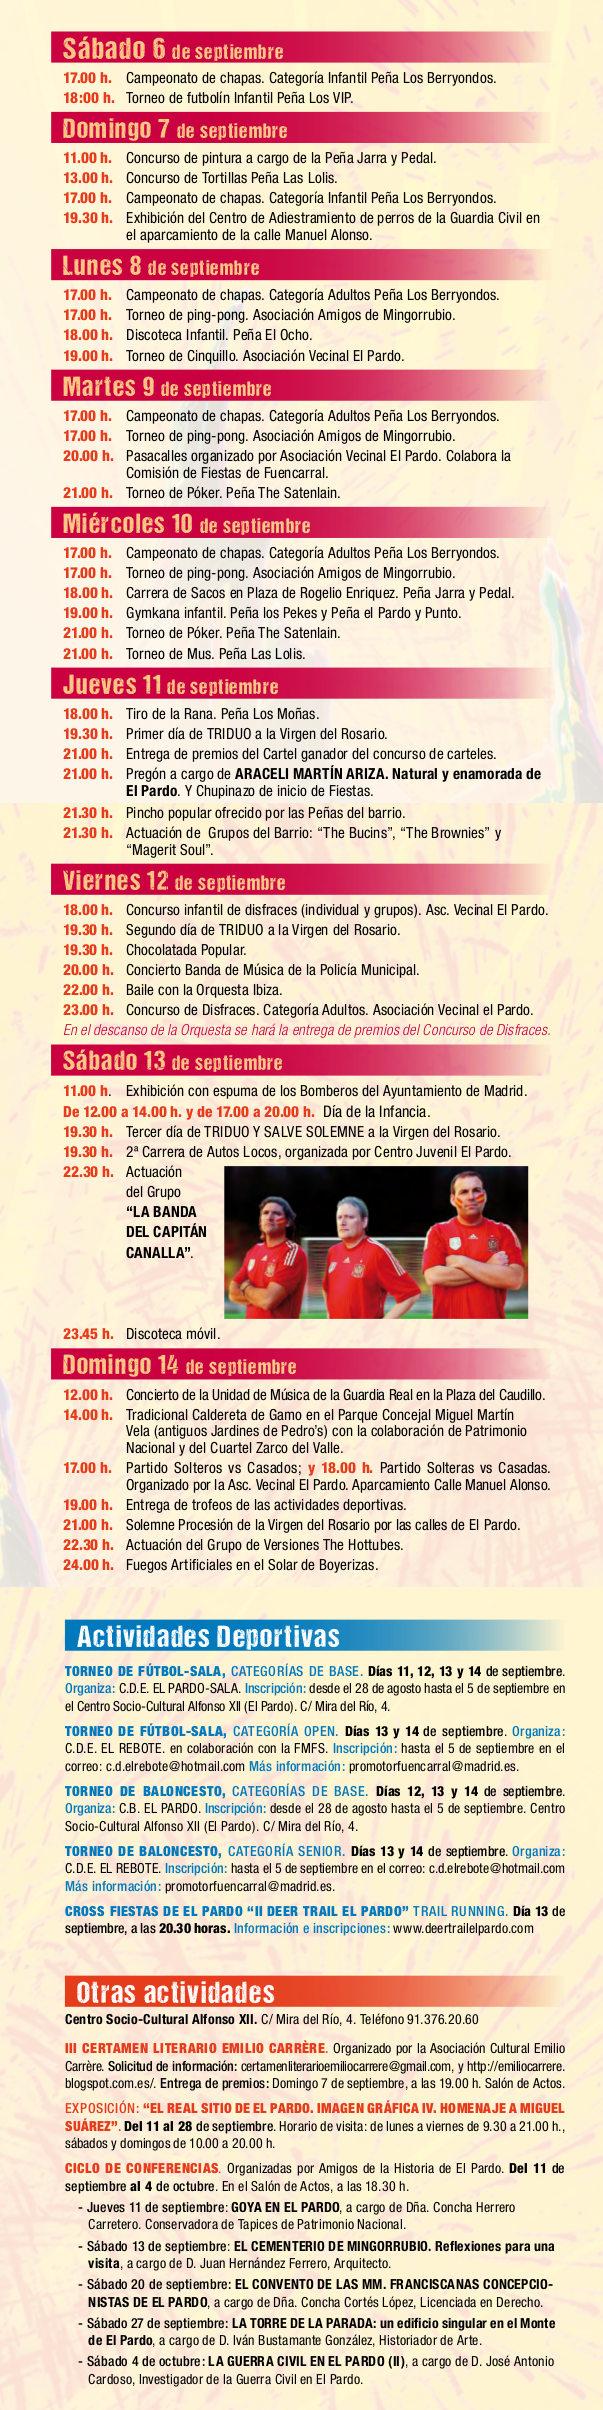 Fiestas de El Pardo 2014